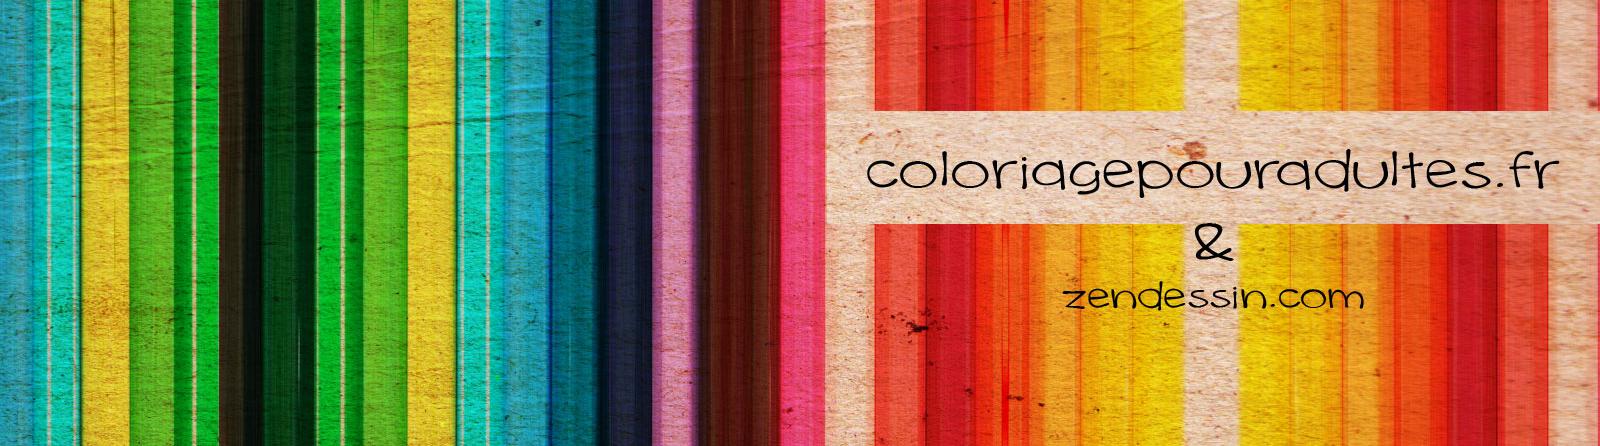 fond-ecran003-zendessin-coloriage-pour-adultes-communaute